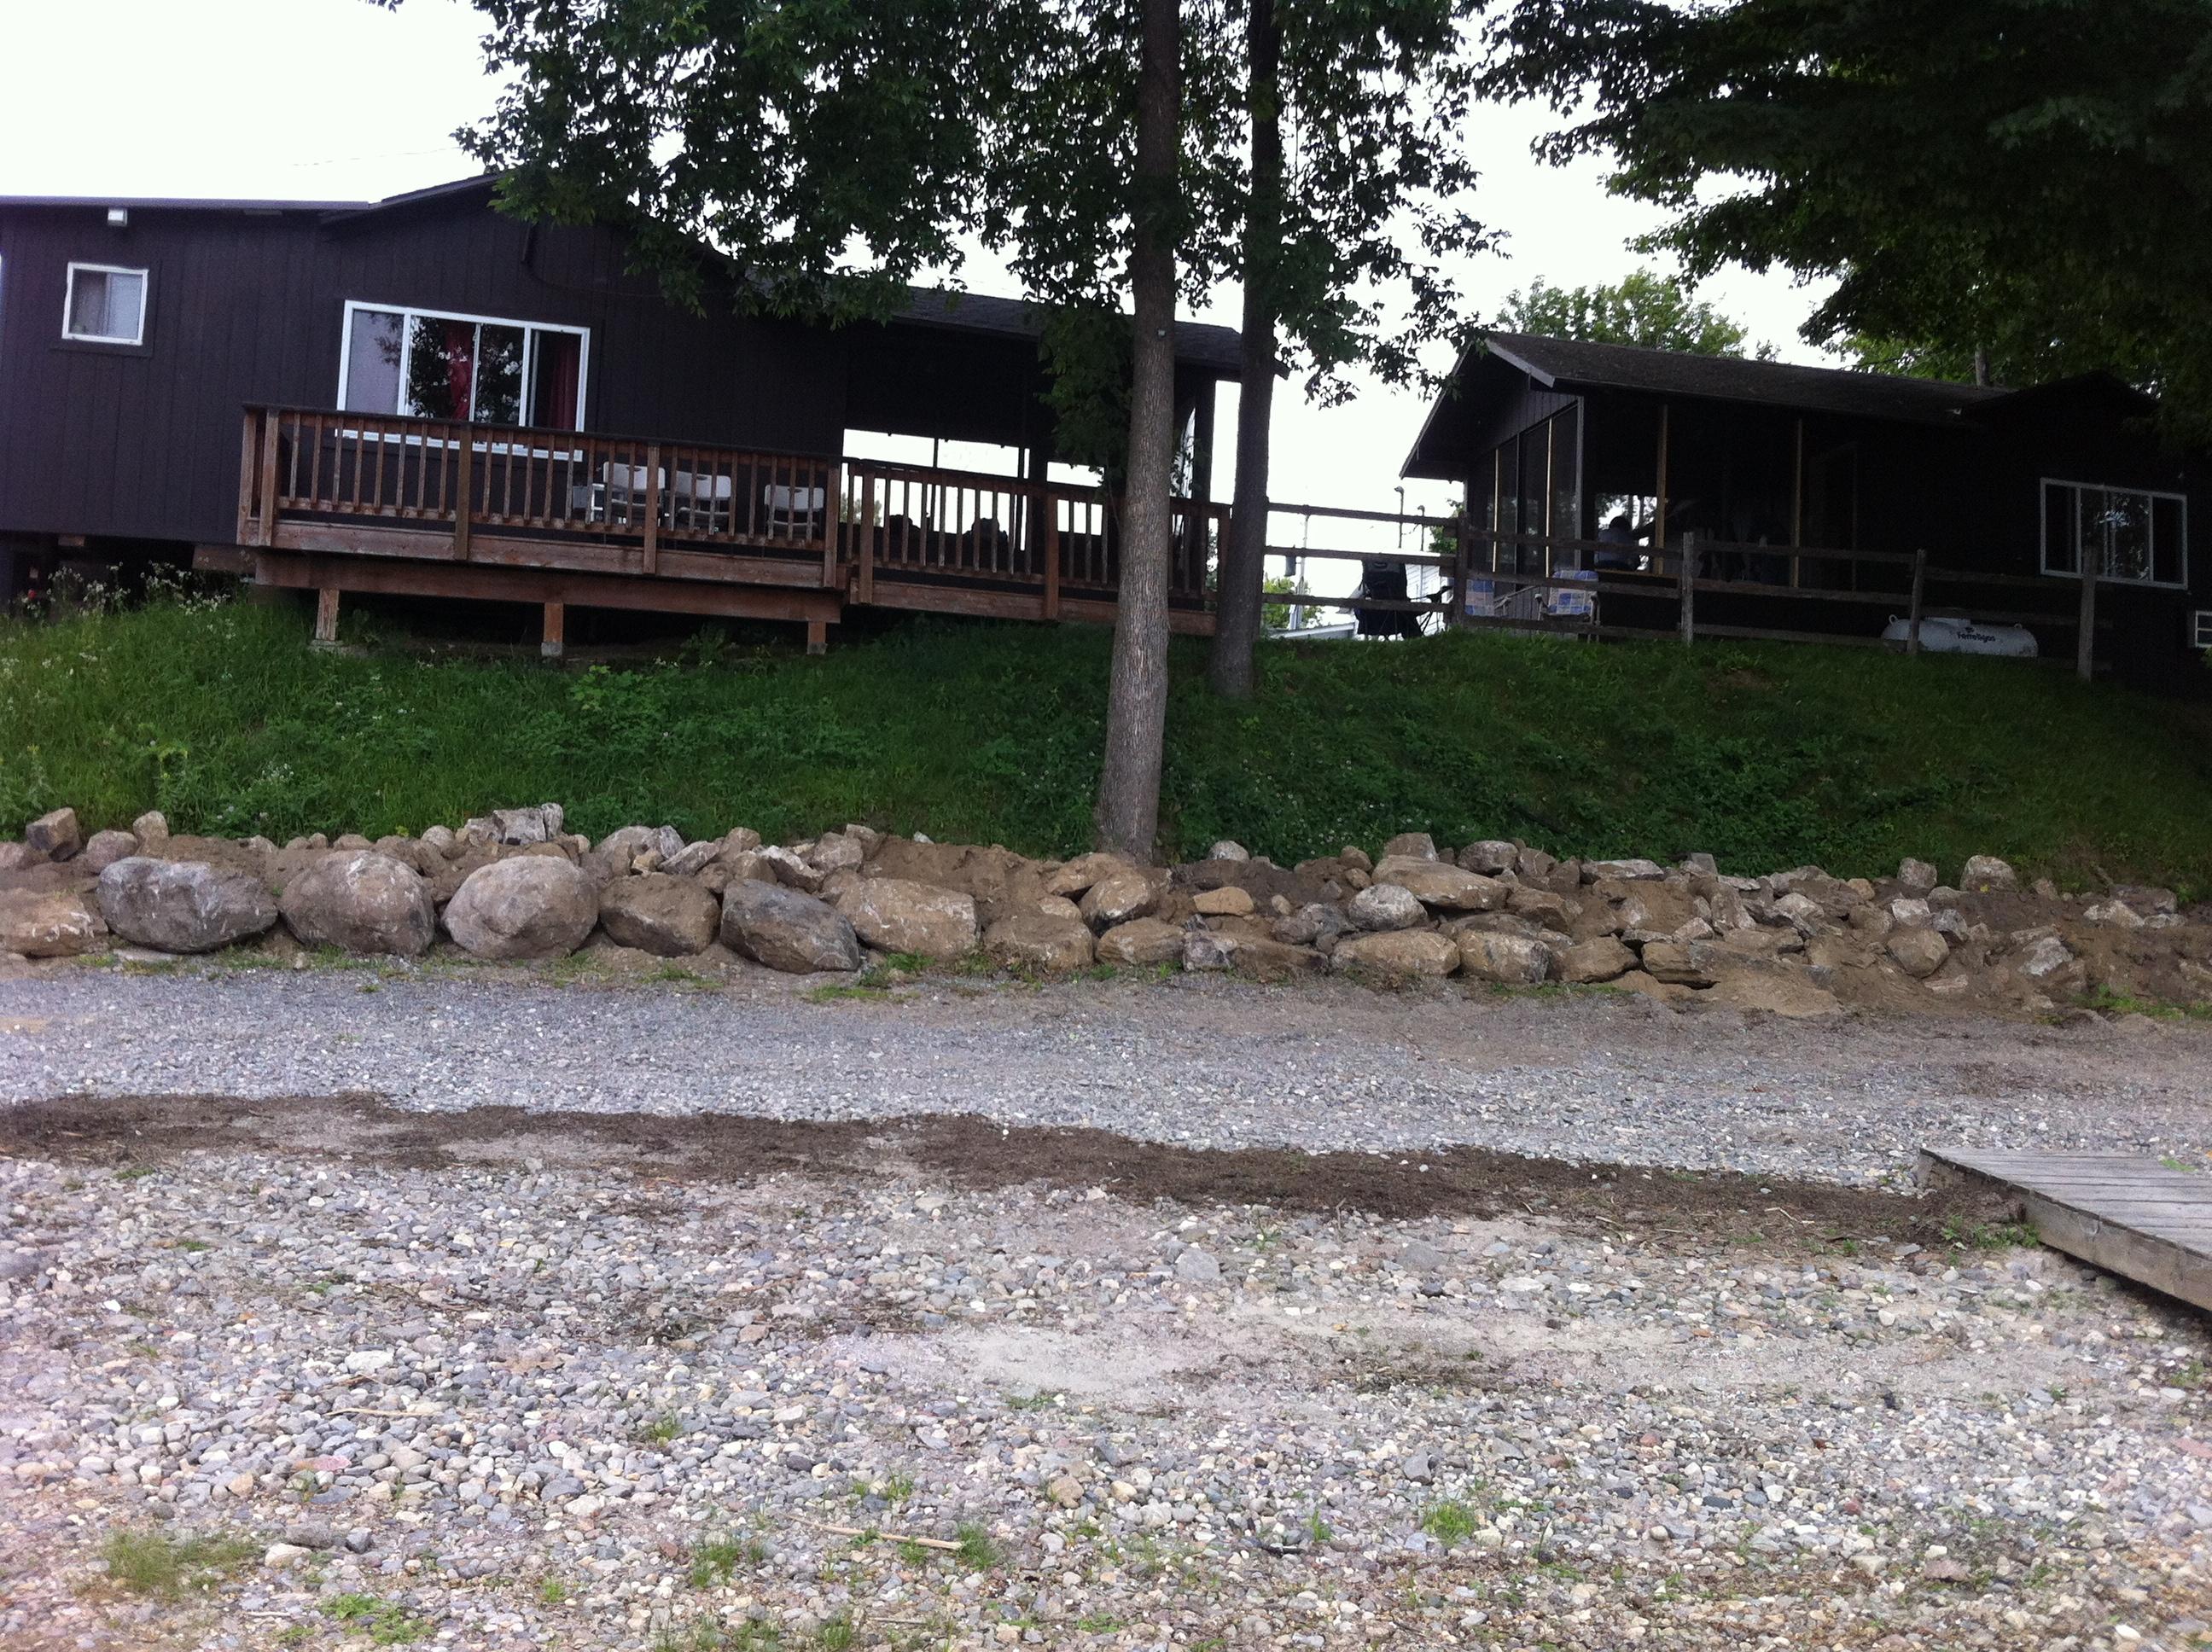 cabin 1 & 2